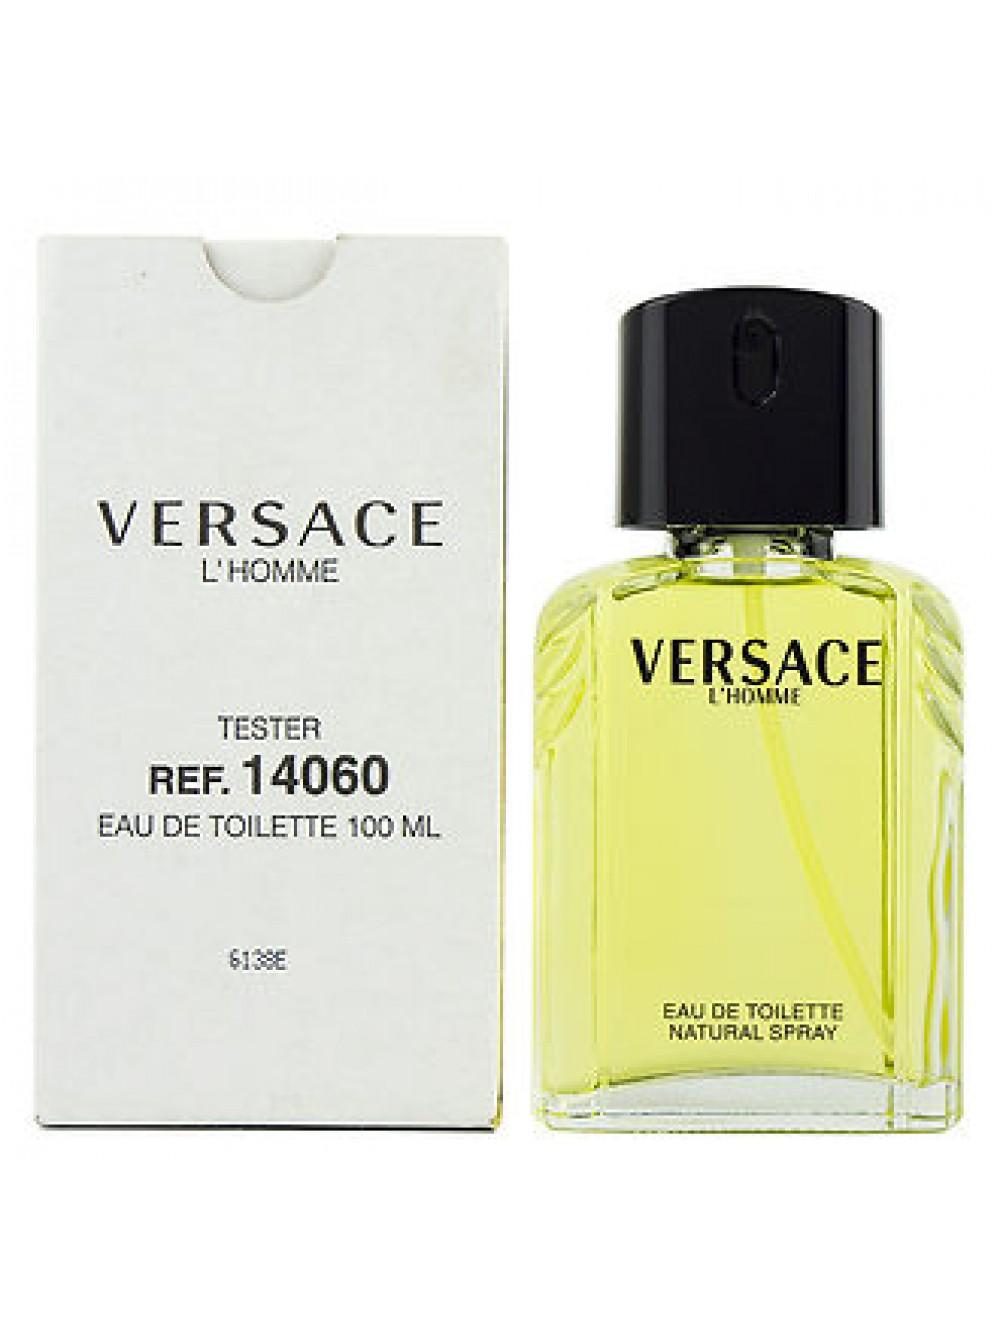 купить Versace Lhomme тестер с крышечкой туалетная вода 100 мл в